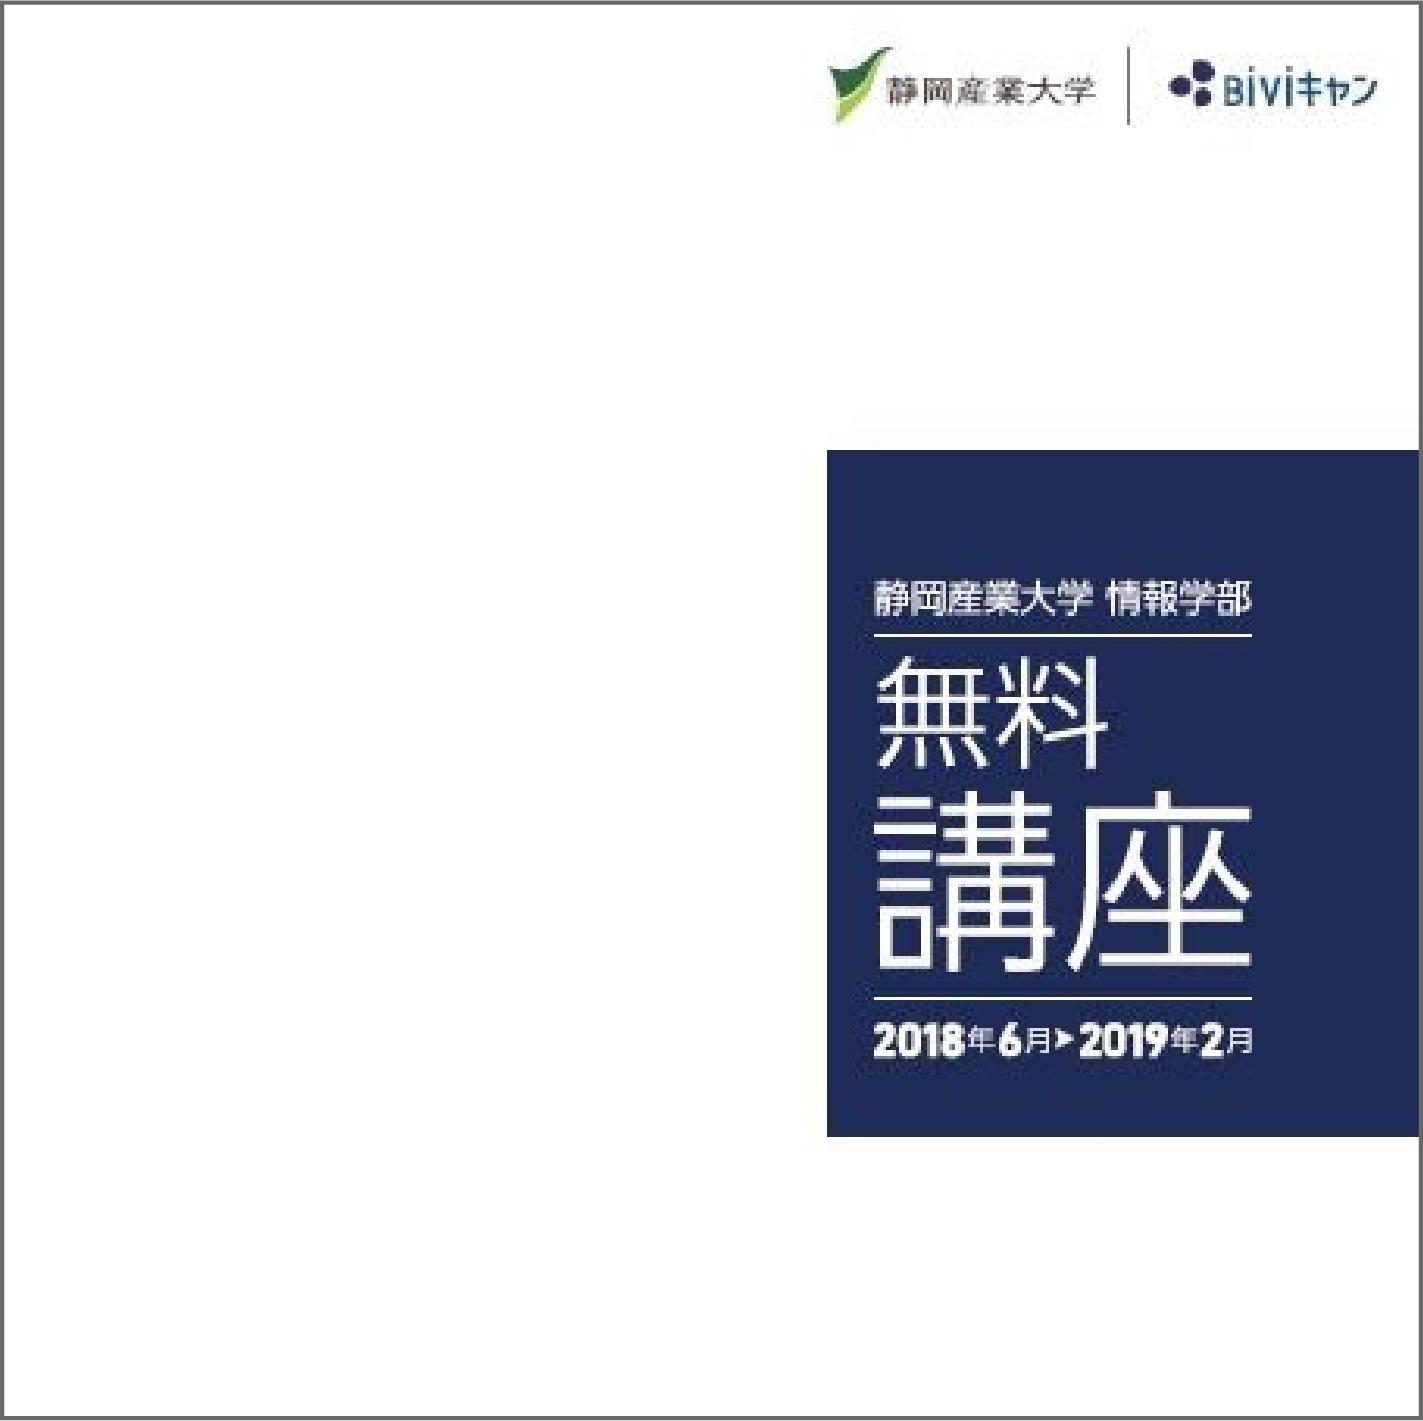 BiViキャン無料講座(2018年度版)冊子PDF